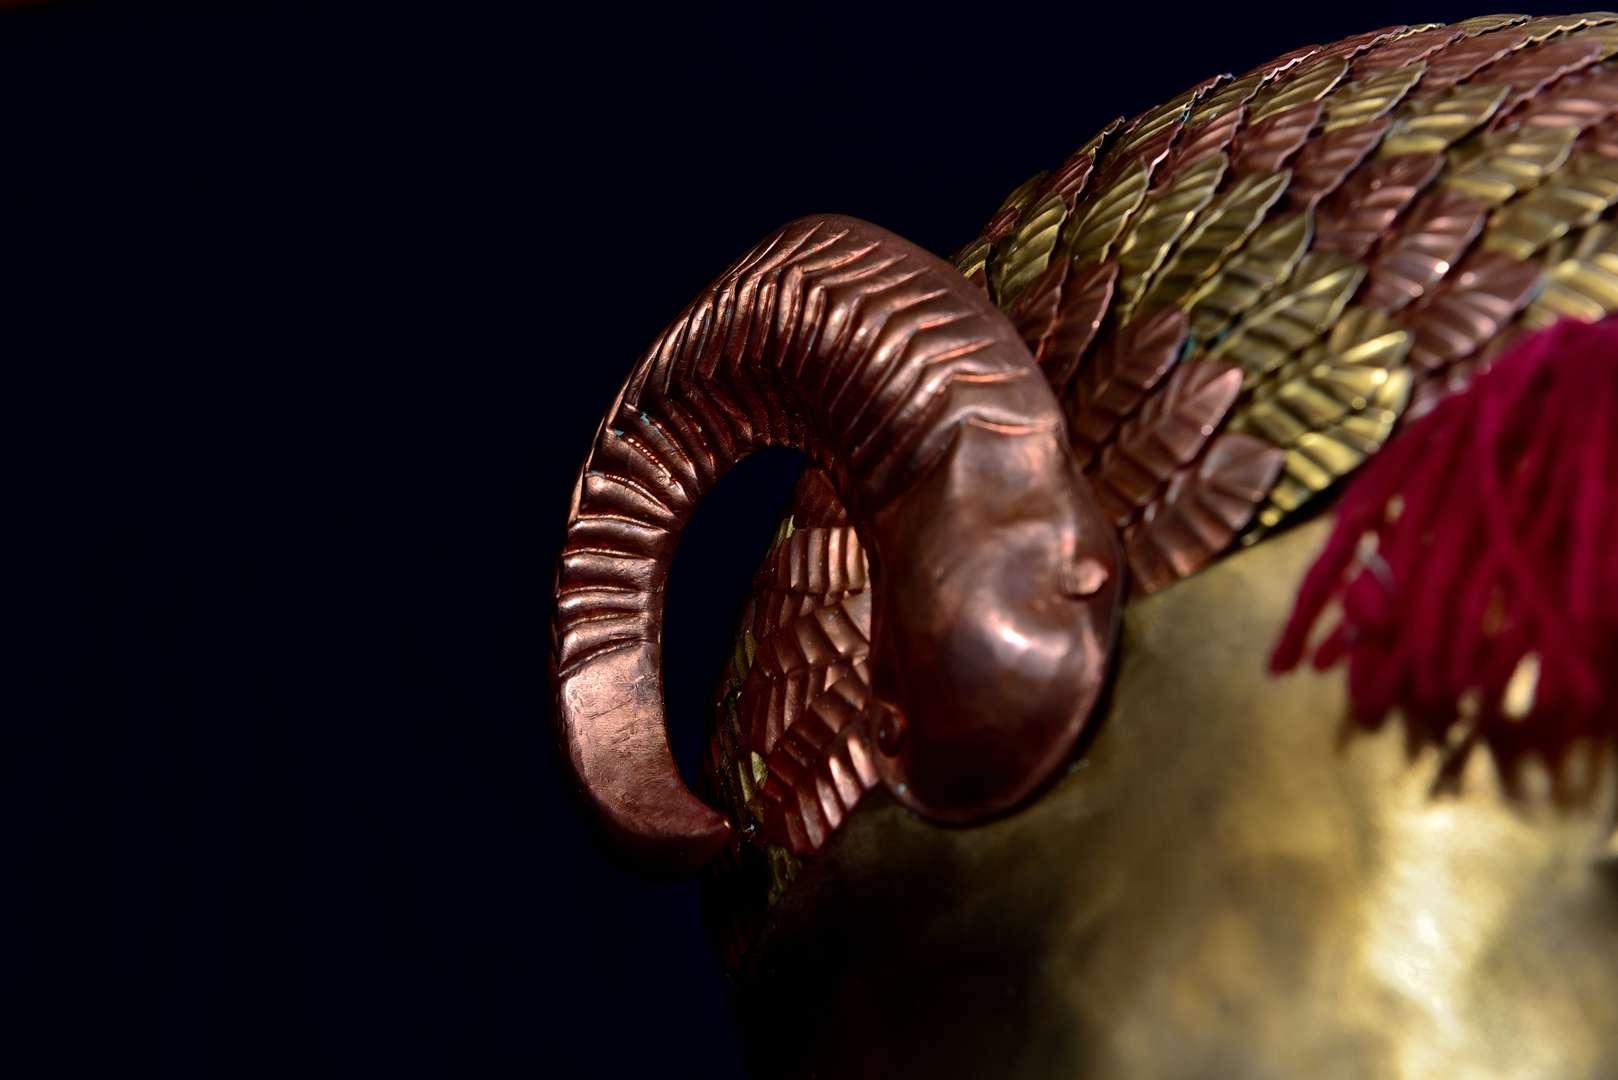 Μπρούτζινος Μυώδης Θώρακας της Ύστερης Κλασσικής Περιόδου